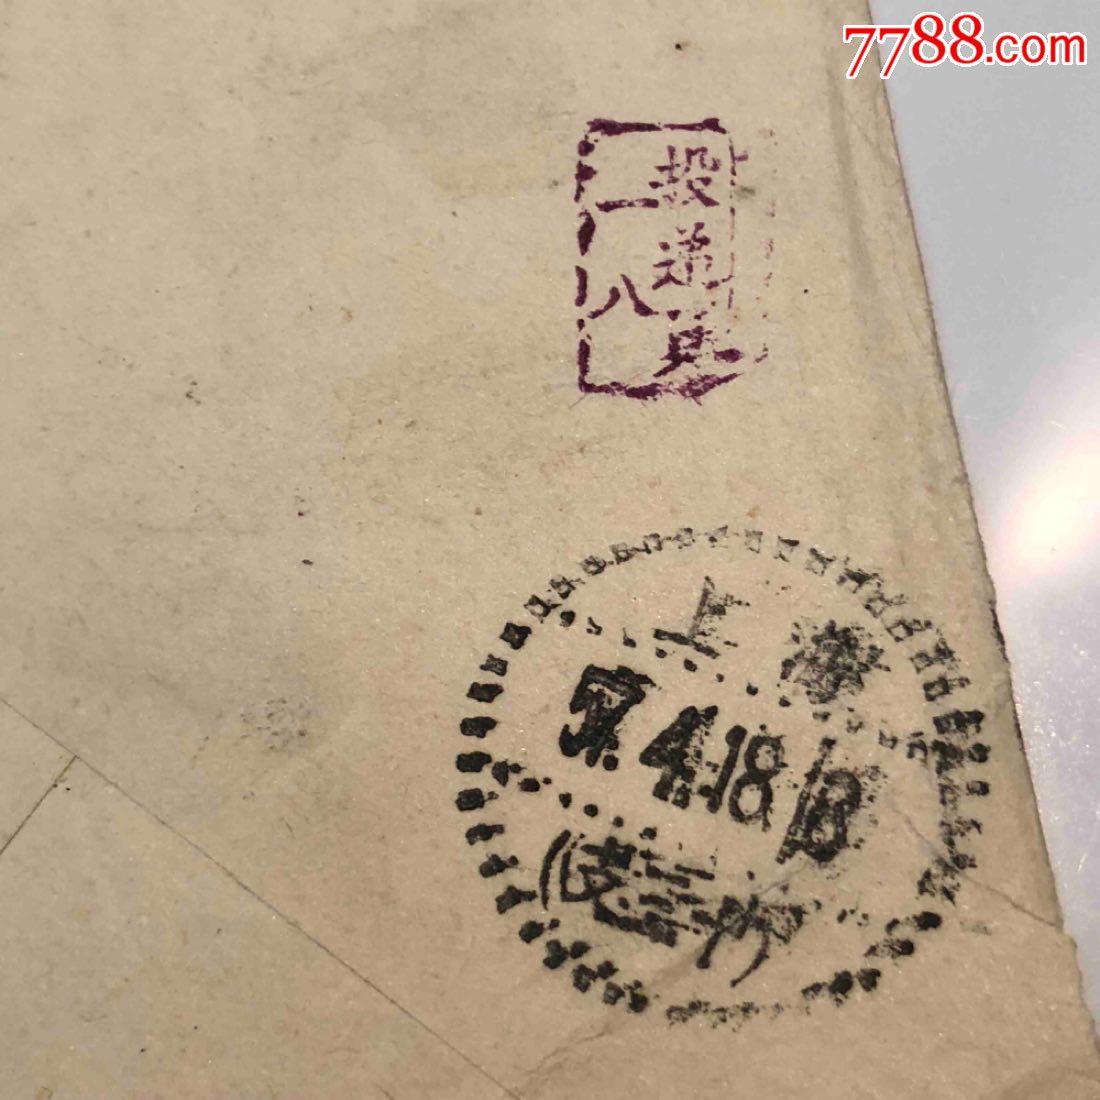 57年上海支30宁波甲邮戳贴8分邮票投递员一八、本店其它信封在拍_价格29元_第3张_